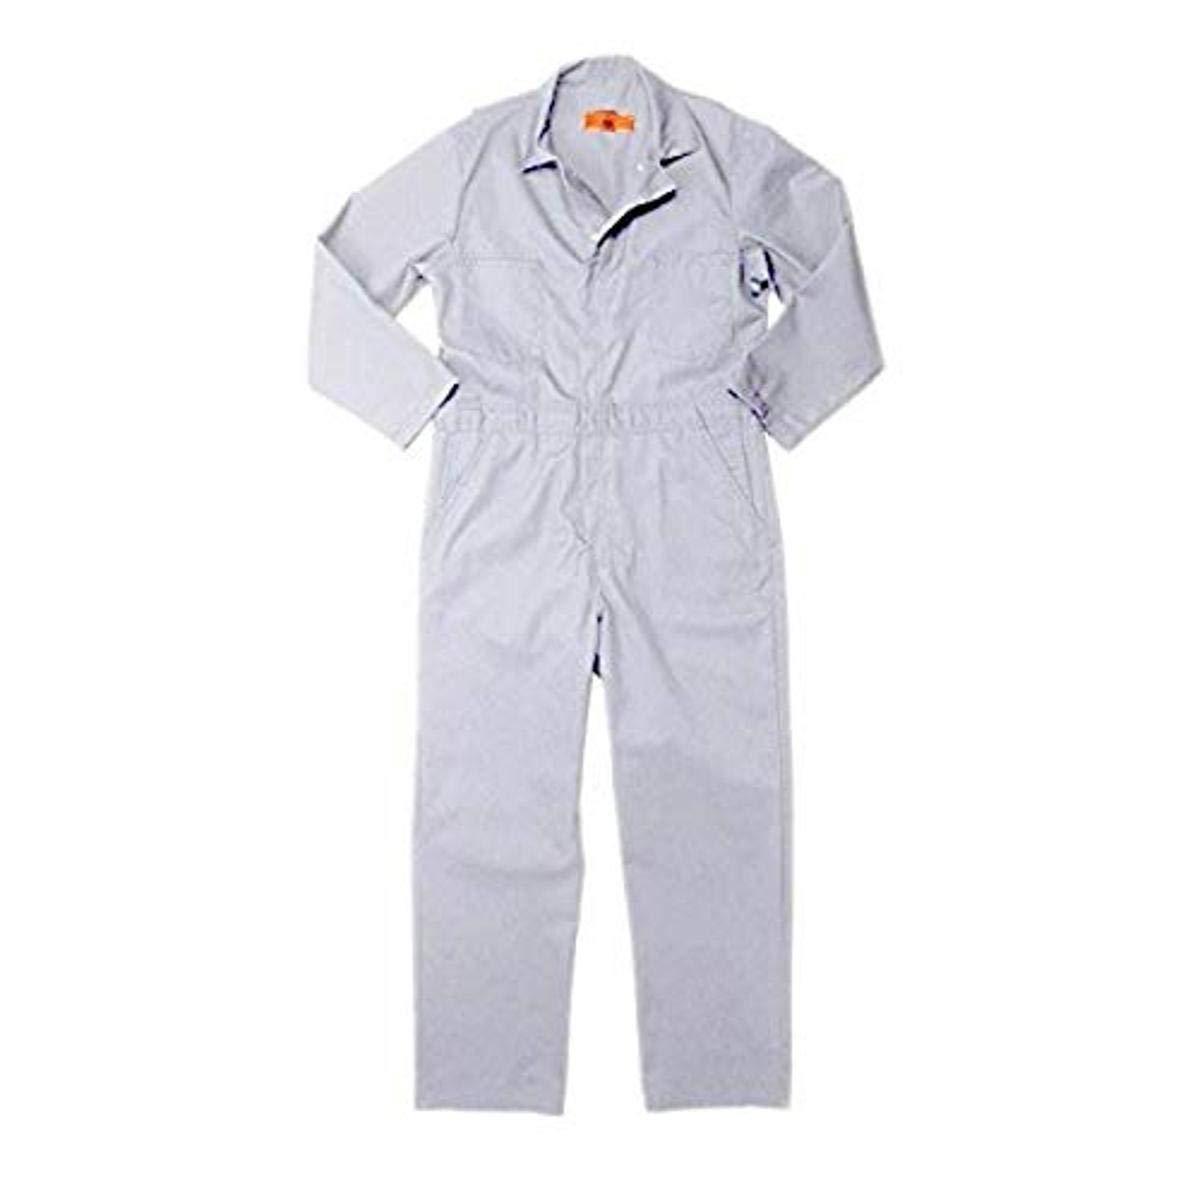 Pinnacle Textile CV10 7.5 OZ Twill 65/35 Polyester/Cotton, COVERALL-Sizes-46-White